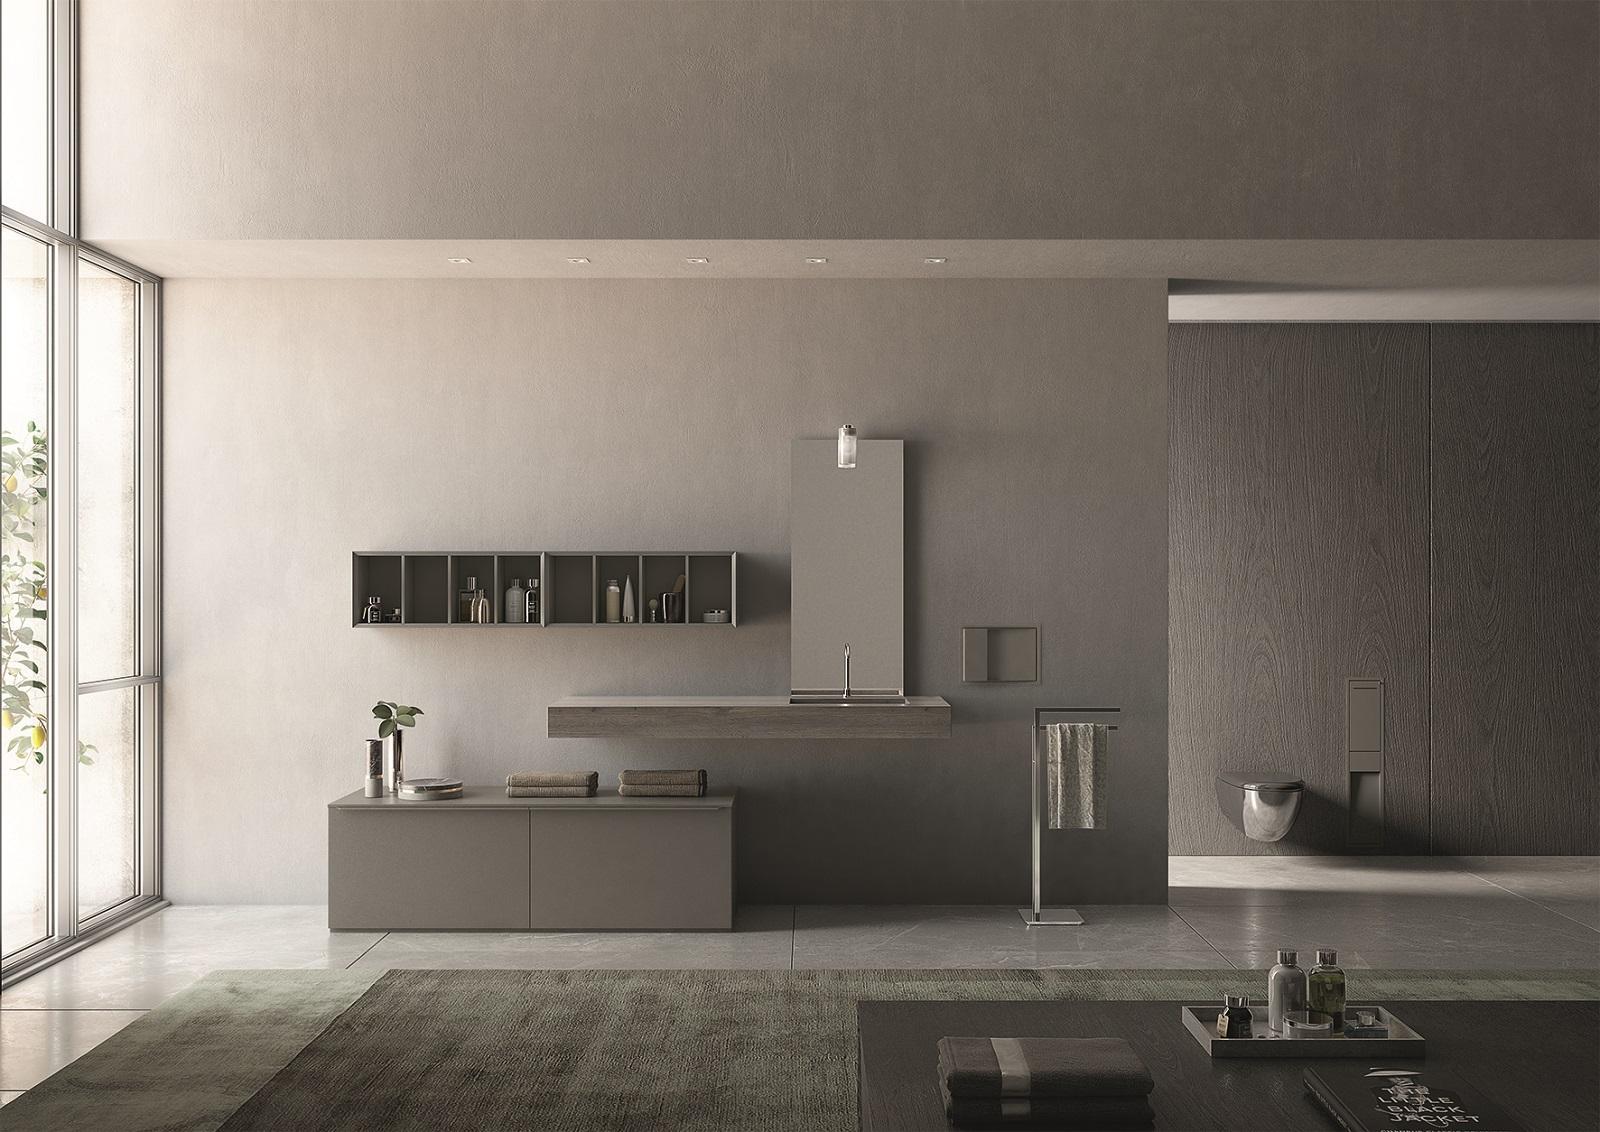 Immagini Di Bagni Moderni mobili lineari, a sviluppo orizzontale, per il bagno moderno